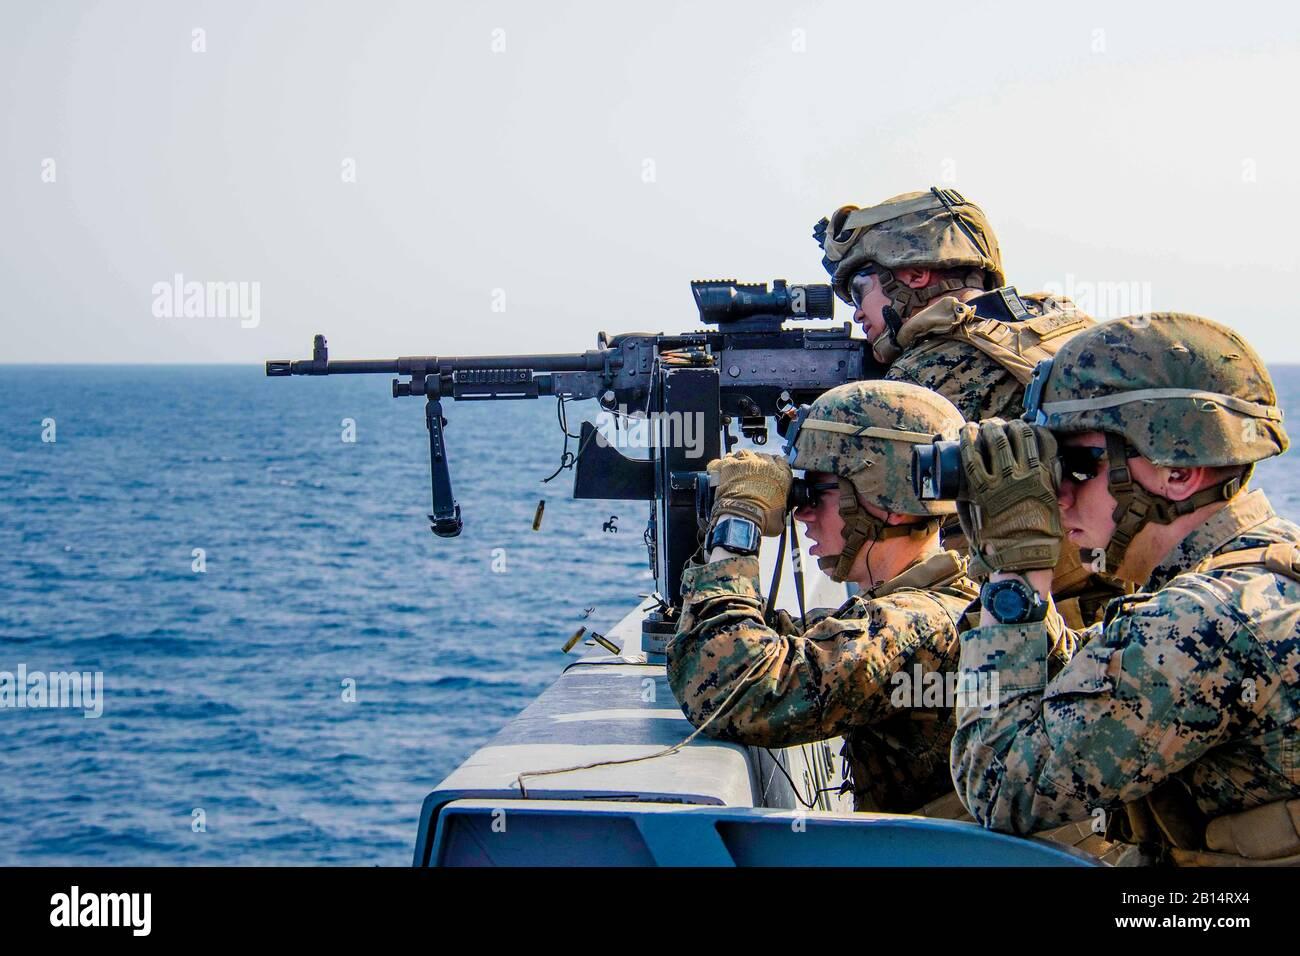 170304-N-JH293-292 el Mar de China oriental (4 de marzo de 2017), los infantes de Marina asignados al equipo de aterrizaje del Batallón 2º Batallón, 5º Marines, participar en una defensa de la fuerza anfibia (DATF) ejercicio de artillería a bordo del buque de transporte anfibio dock USS Green Bay (LPD 20). Durante el ejercicio DATF, Green Bay de calibre pequeño equipo de acción (SCAT) trabajaron conjuntamente con los Infantes de Marina de la 31ta Unidad Expedicionaria de la Infantería de Marina (MEU) a fin de proporcionar una cobertura de 360 grados de la nave. Green Bay, con embarcado 31 MEU, es un patrullaje de rutina, que operan en la región del Pacífico Indo-Asia para fortalecer las alianzas y ser un re Foto de stock